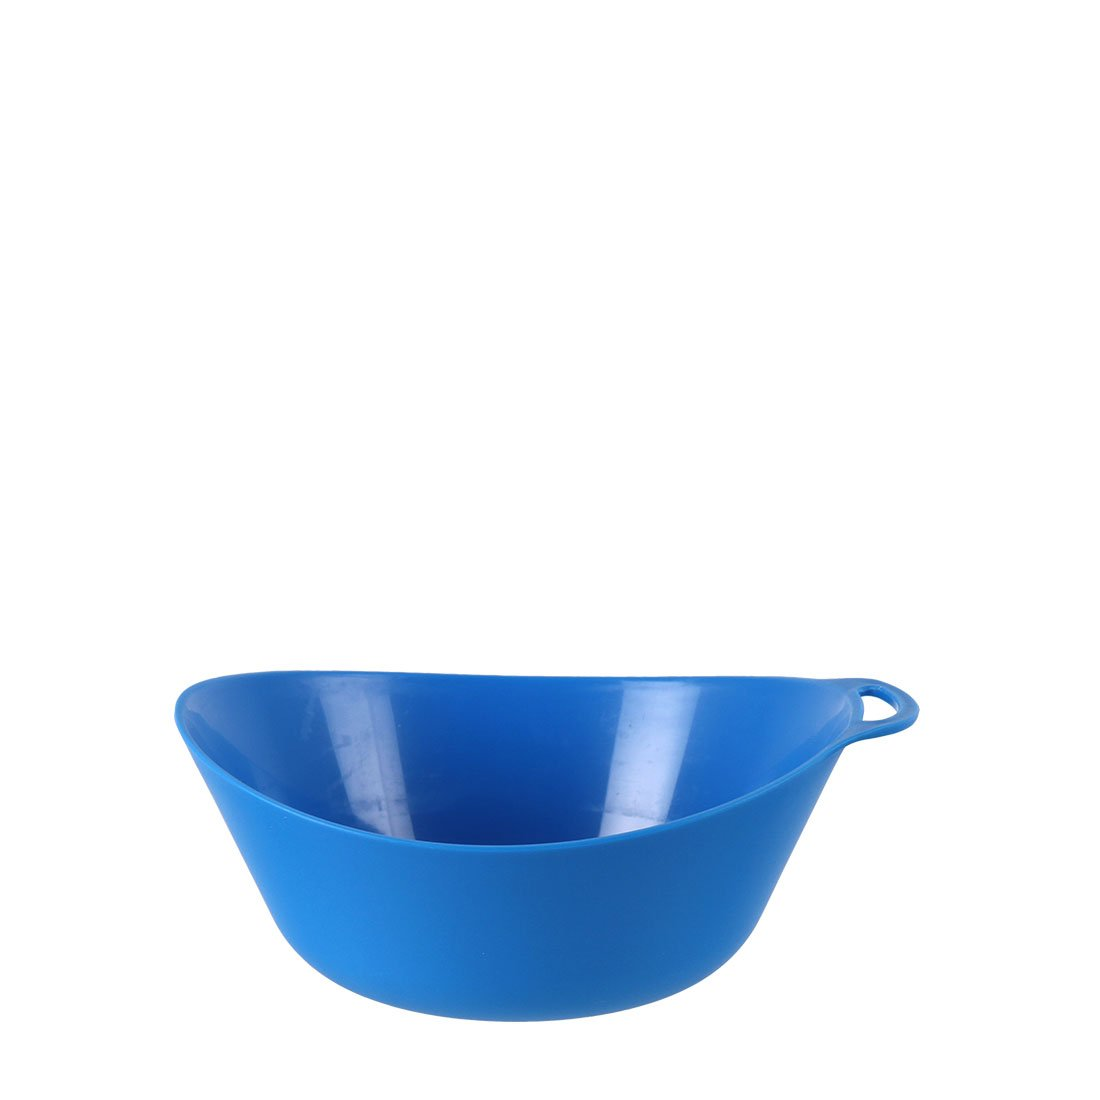 Camping Bowl | Camping Tableware